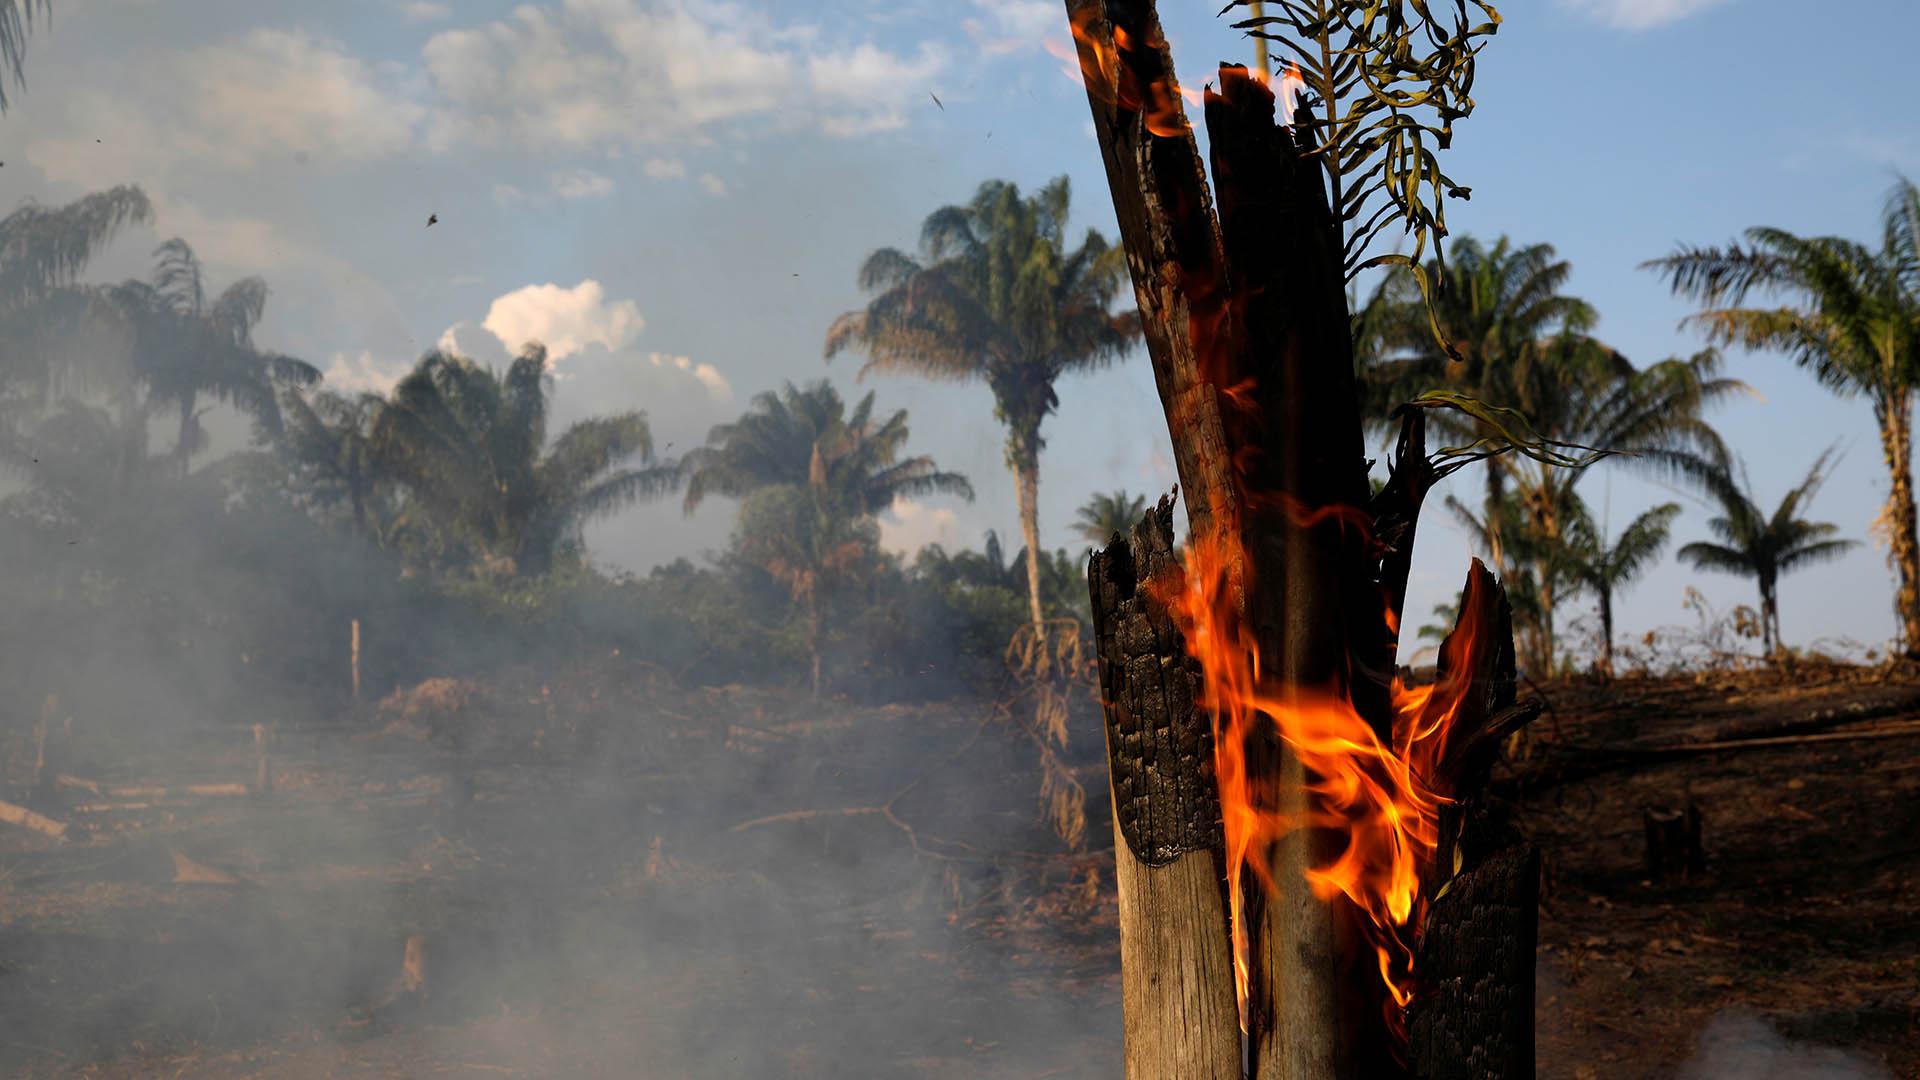 La preocupación llegó a los países vecinos (Reuters/ Bruno Kelly)